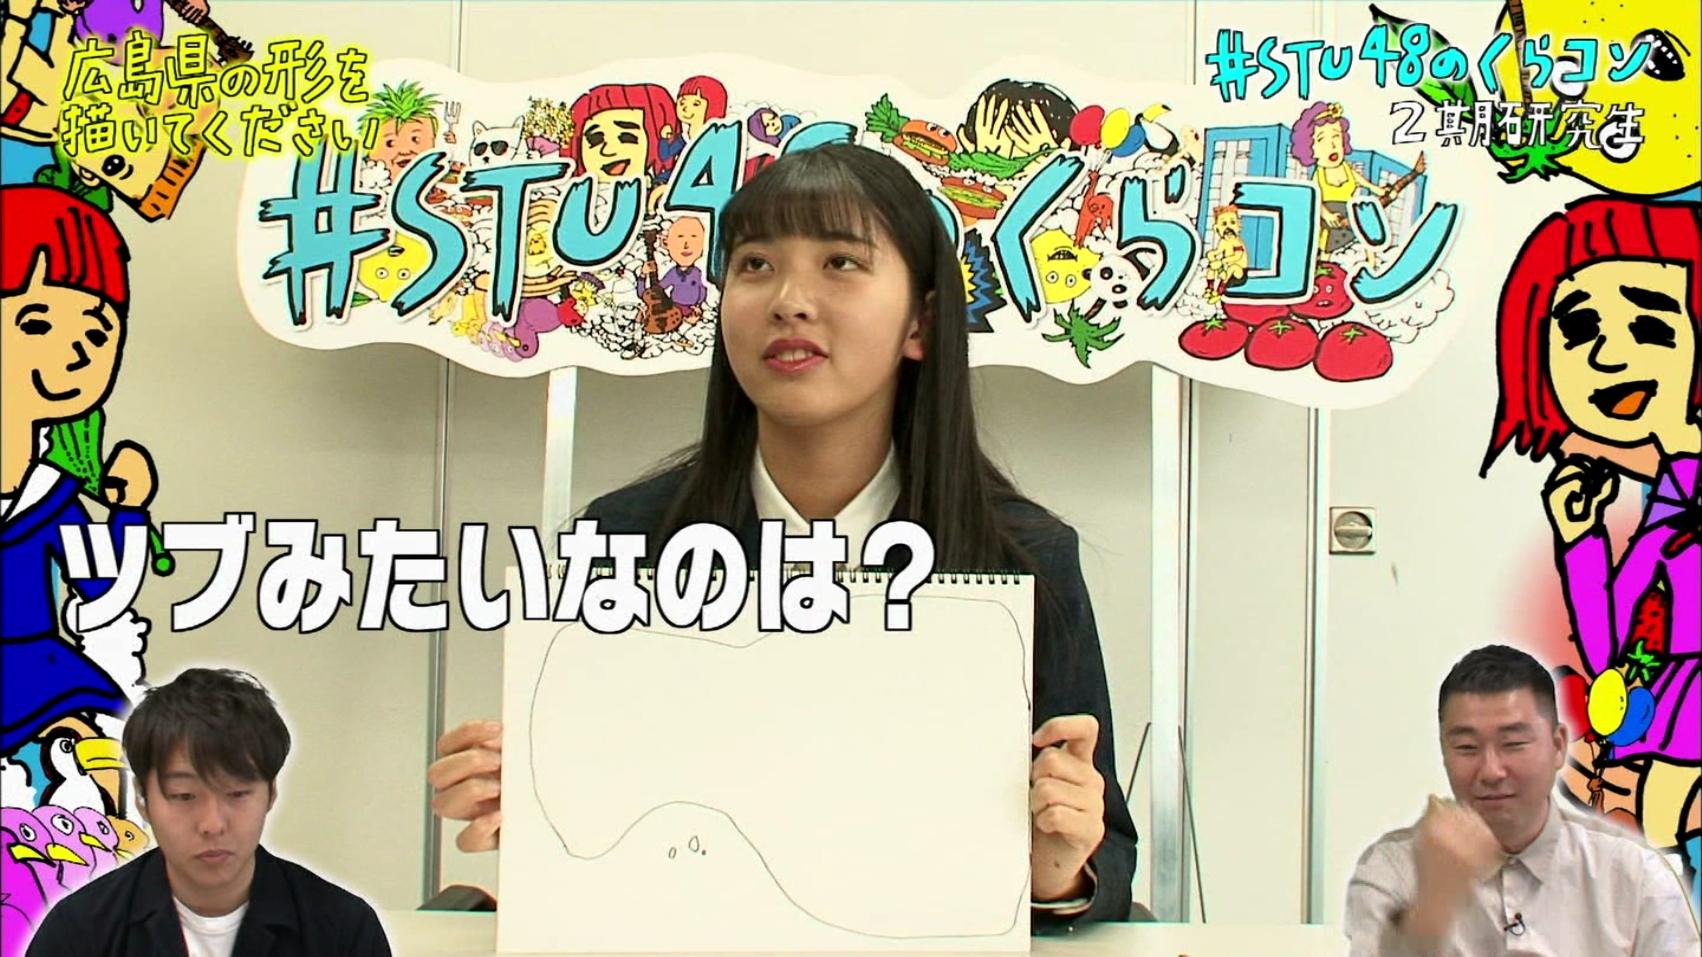 【STU48】広島県の形すら知らないメンバー多すぎ問題